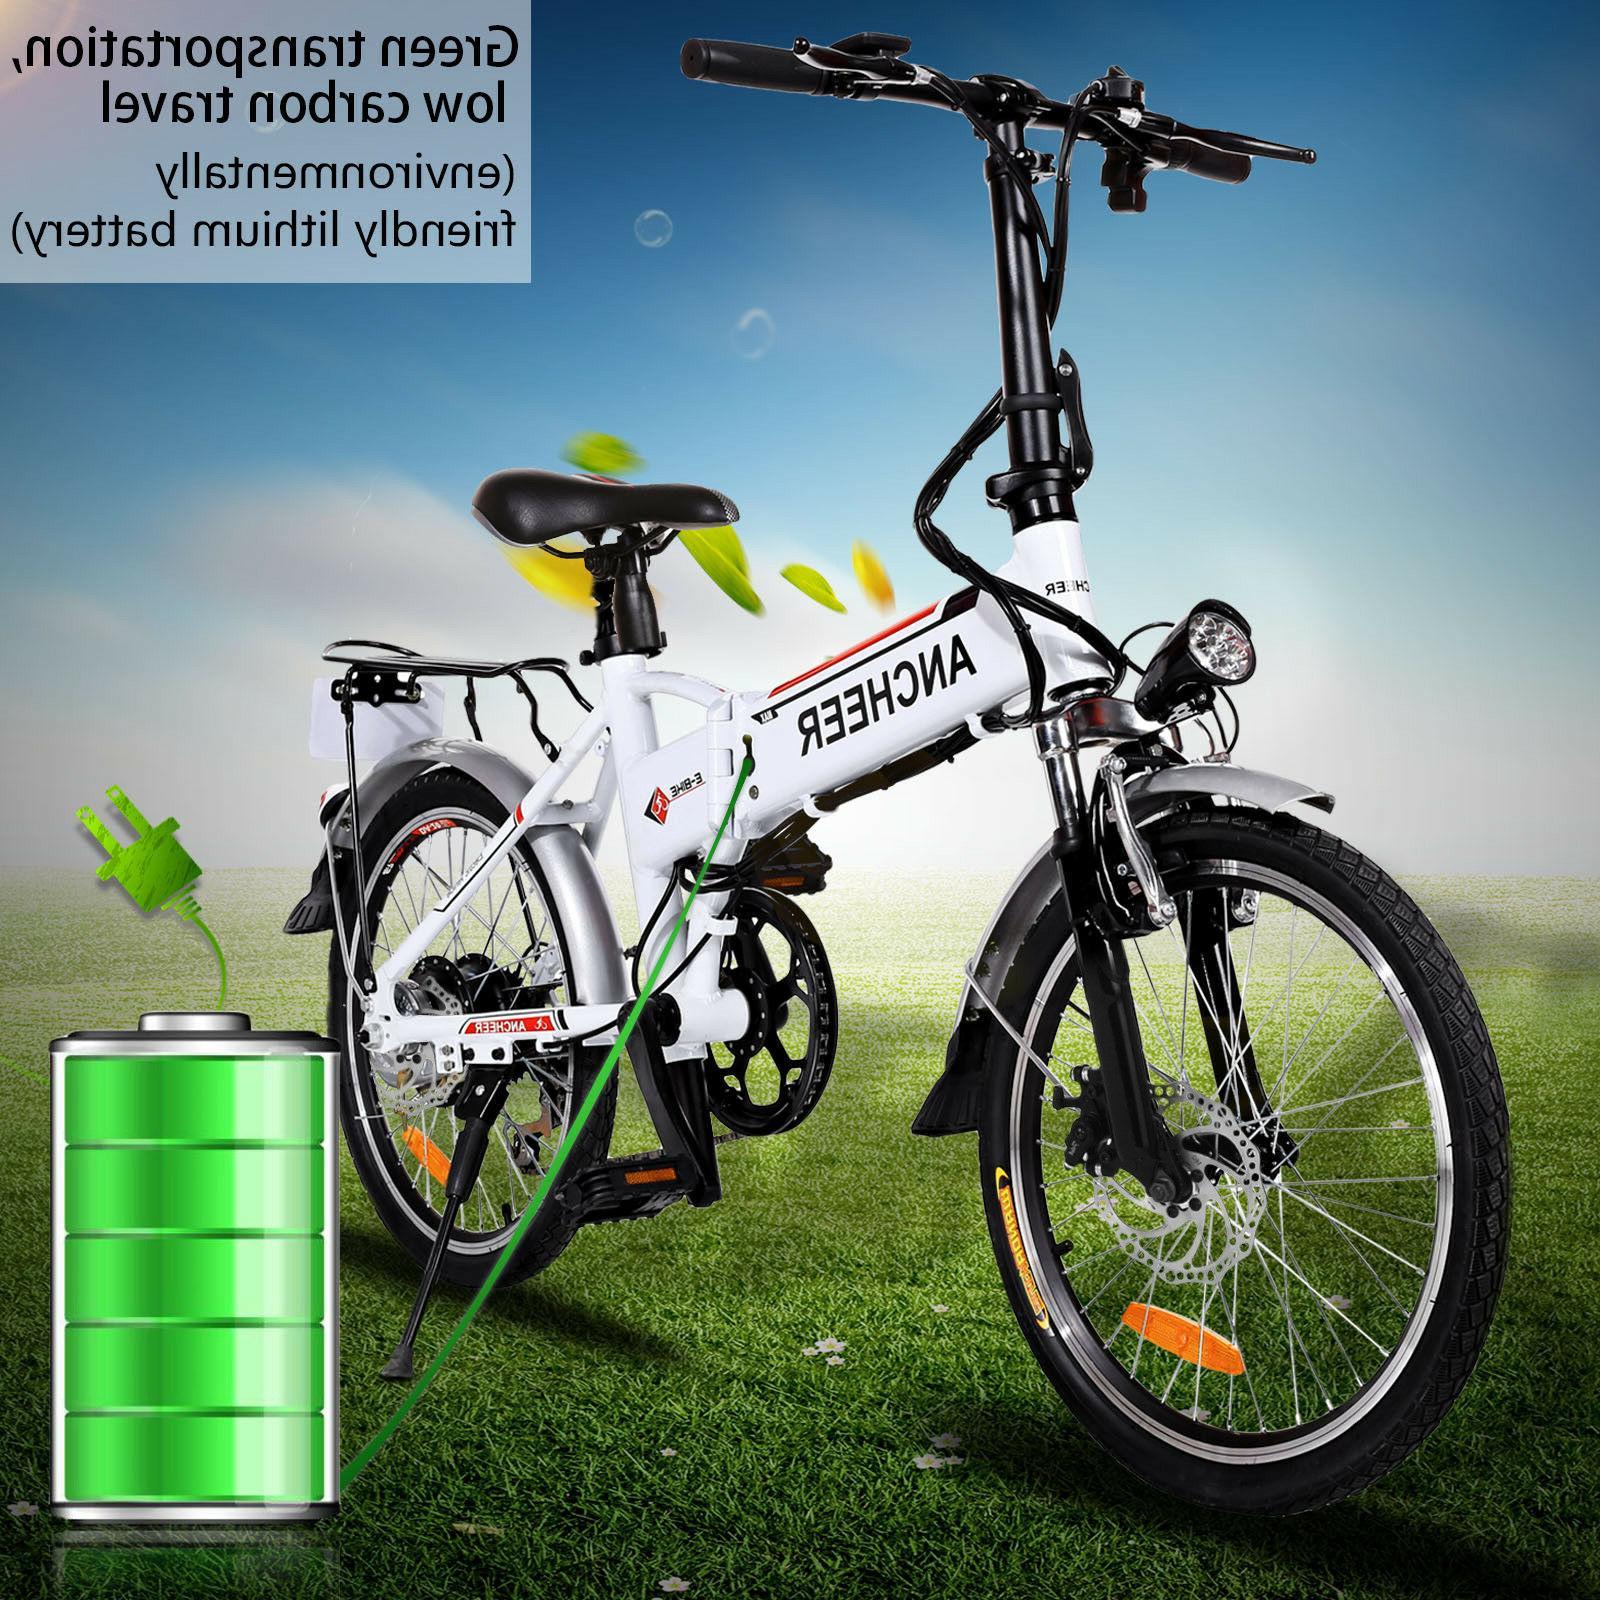 8 Types  Folding Mountain Bicycle Foldable Hybrid Bike Full